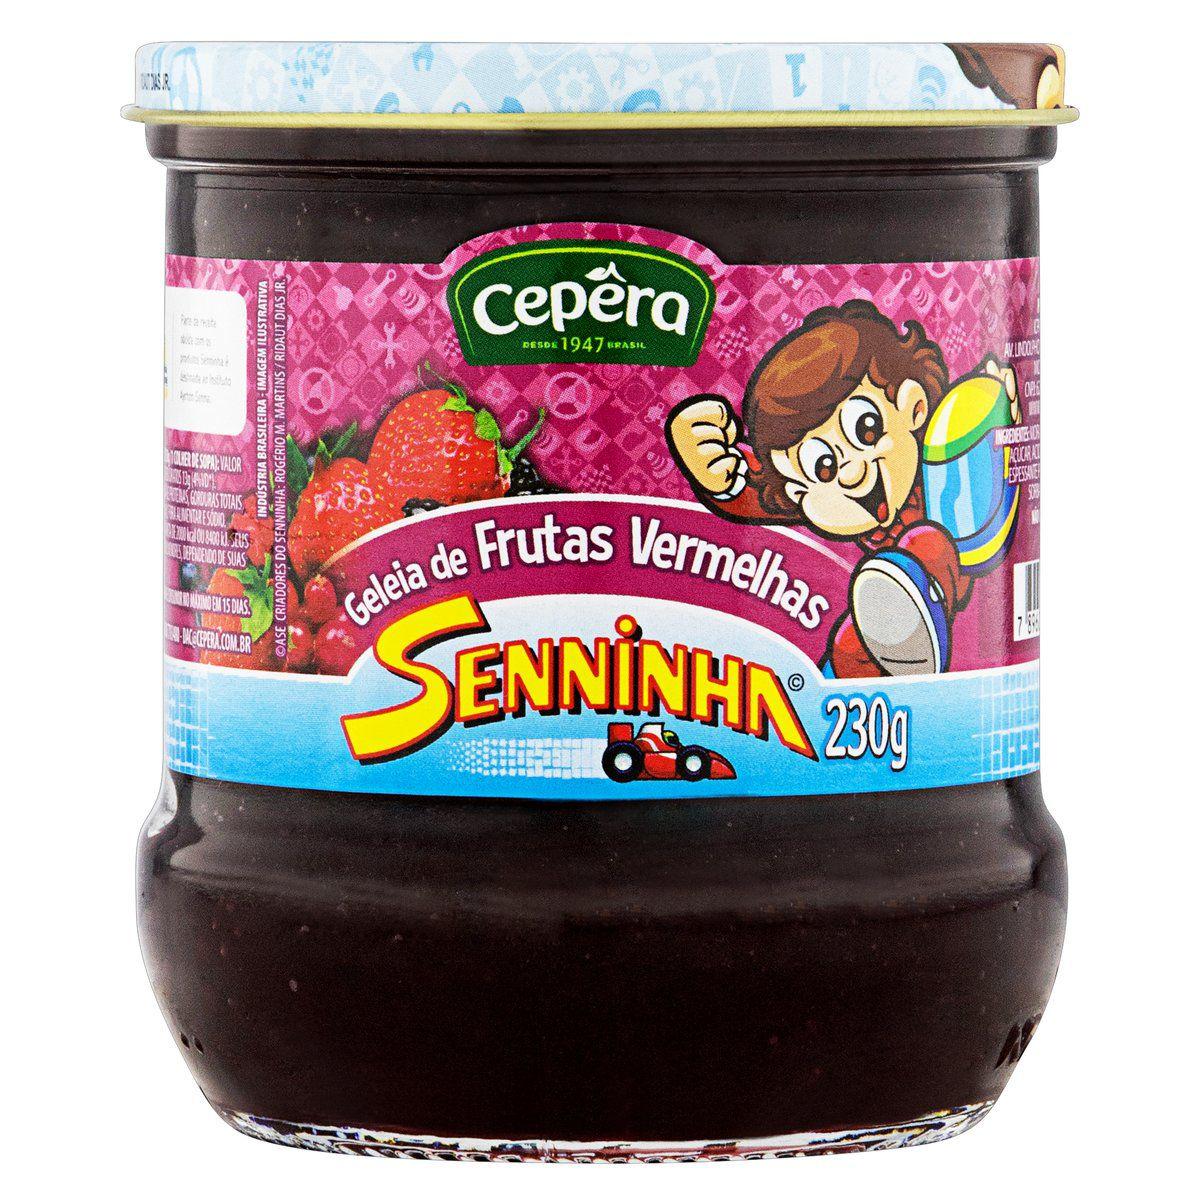 Geleia de Frutas Vermelhas Senninha 230g